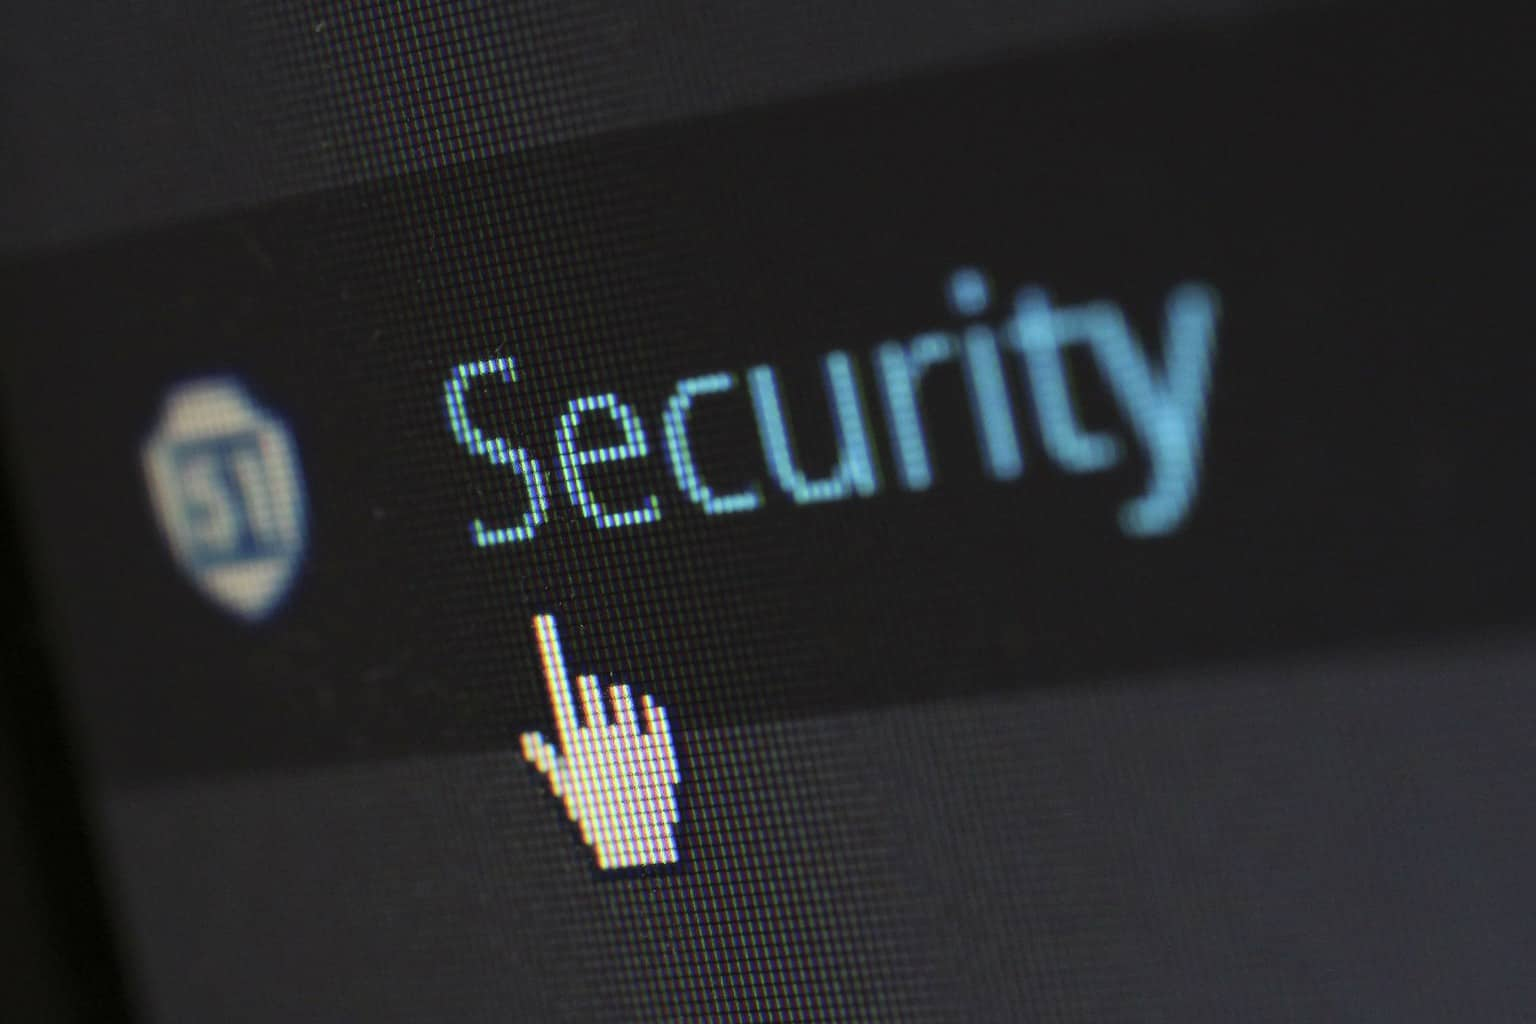 Kredittkort sikkerhet